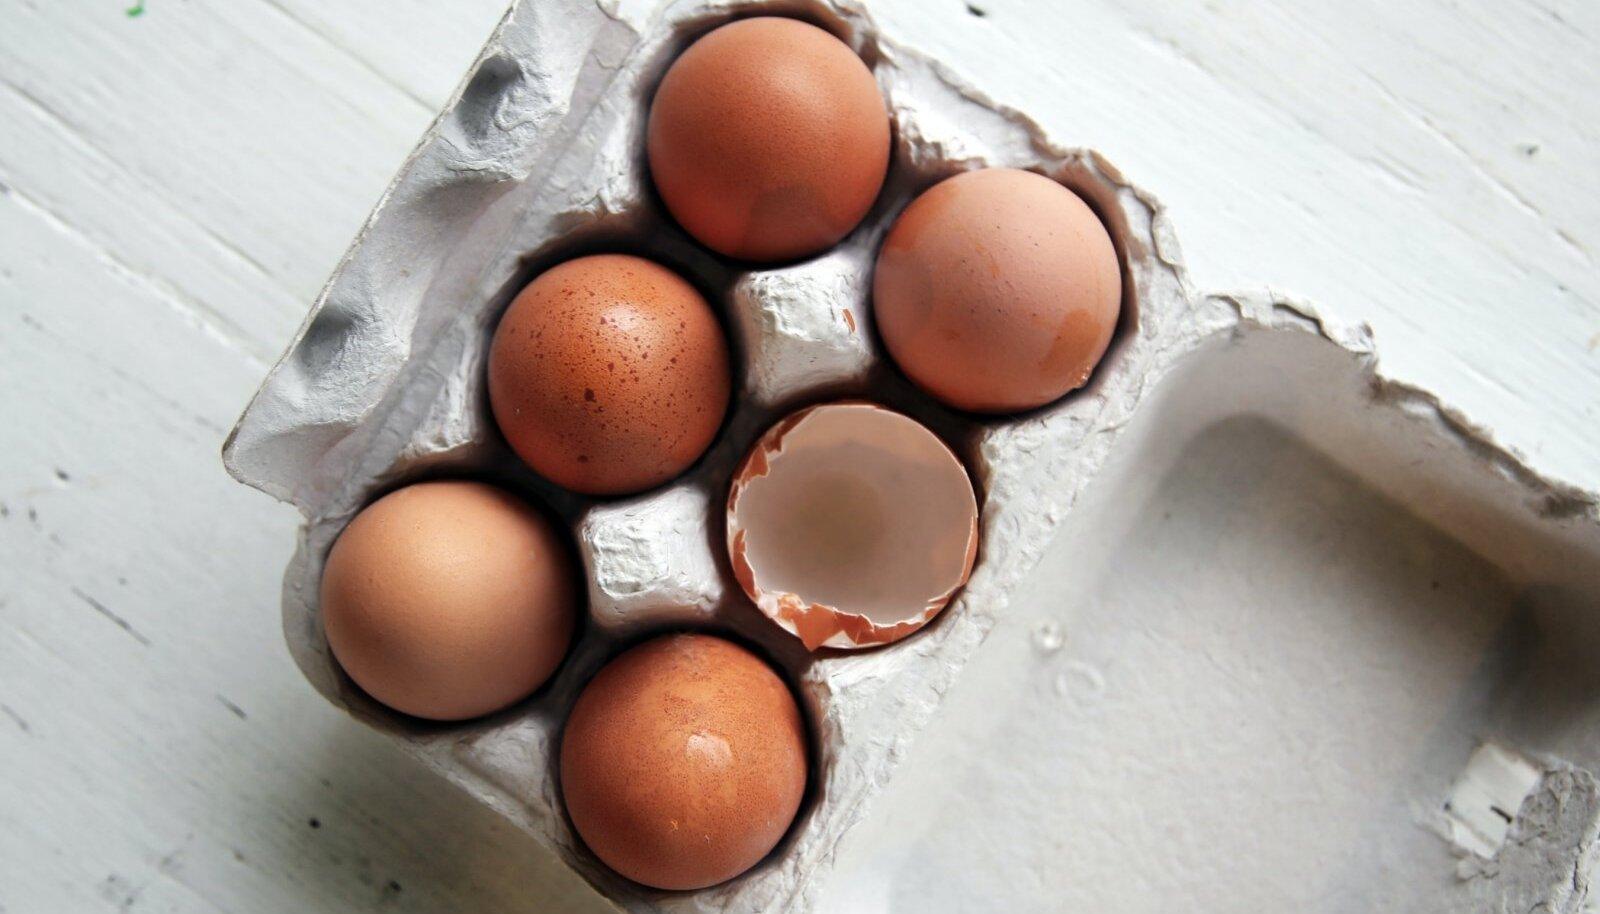 Infot munade kohta saab lugeda nii munadelt kui ka pakendilt.